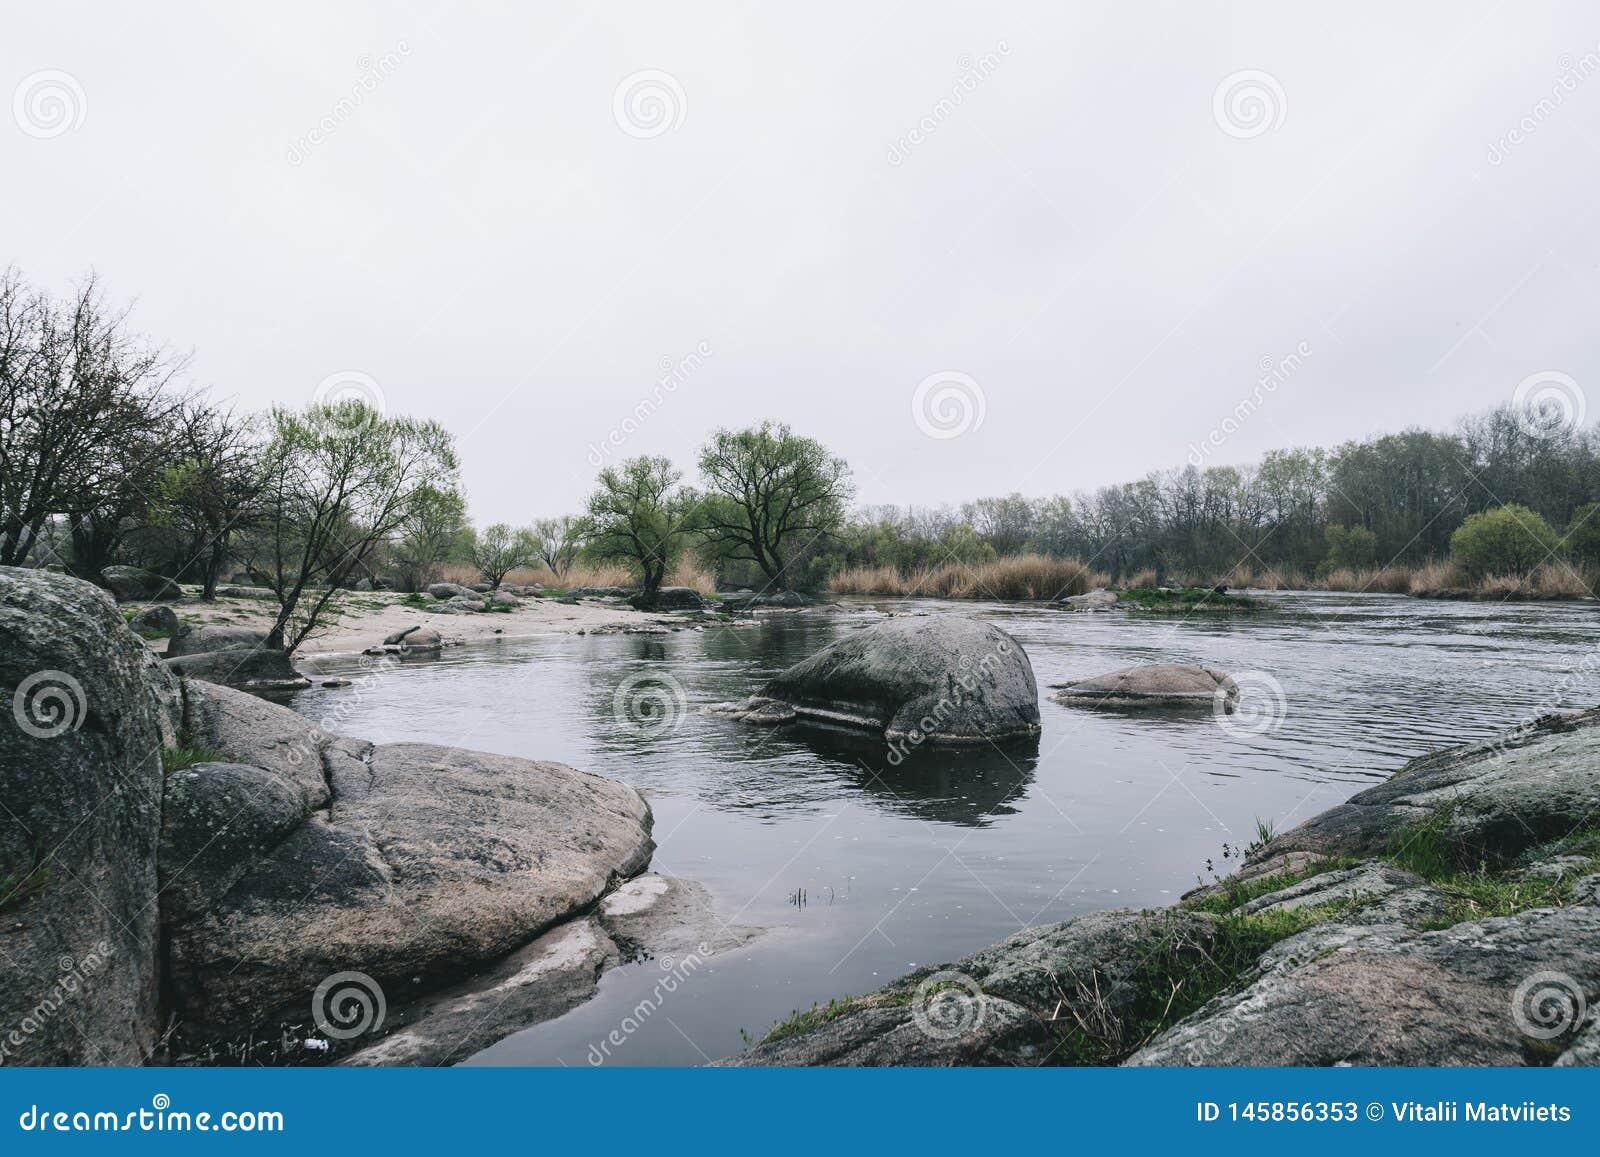 Krajobrazowy strumyk z kamień bieżącej wody cicho tłem